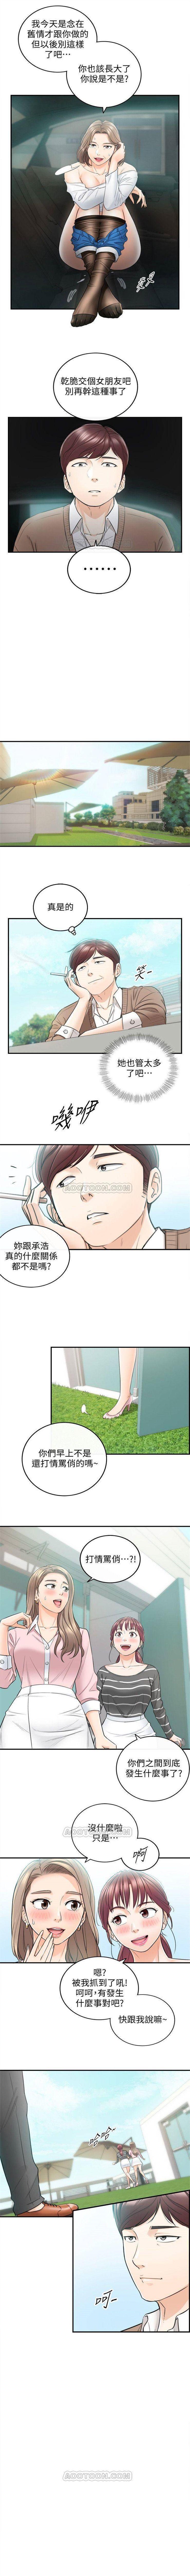 (周5)正妹小主管 1-26 中文翻译(更新中) 148